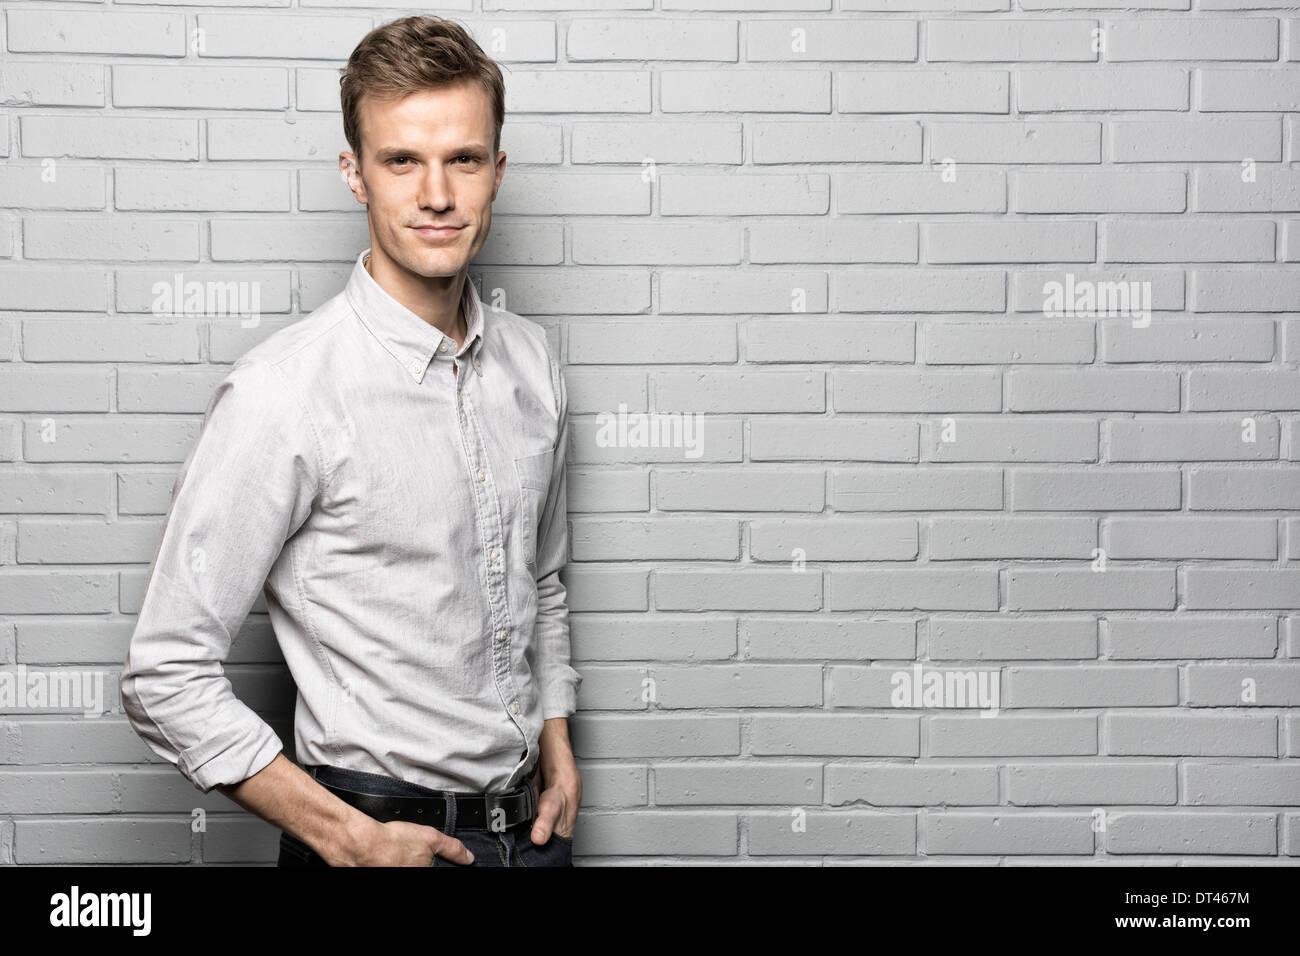 Männlichen casual Porträt Lächeln Studio Ziegel Kamera suchen Stockbild